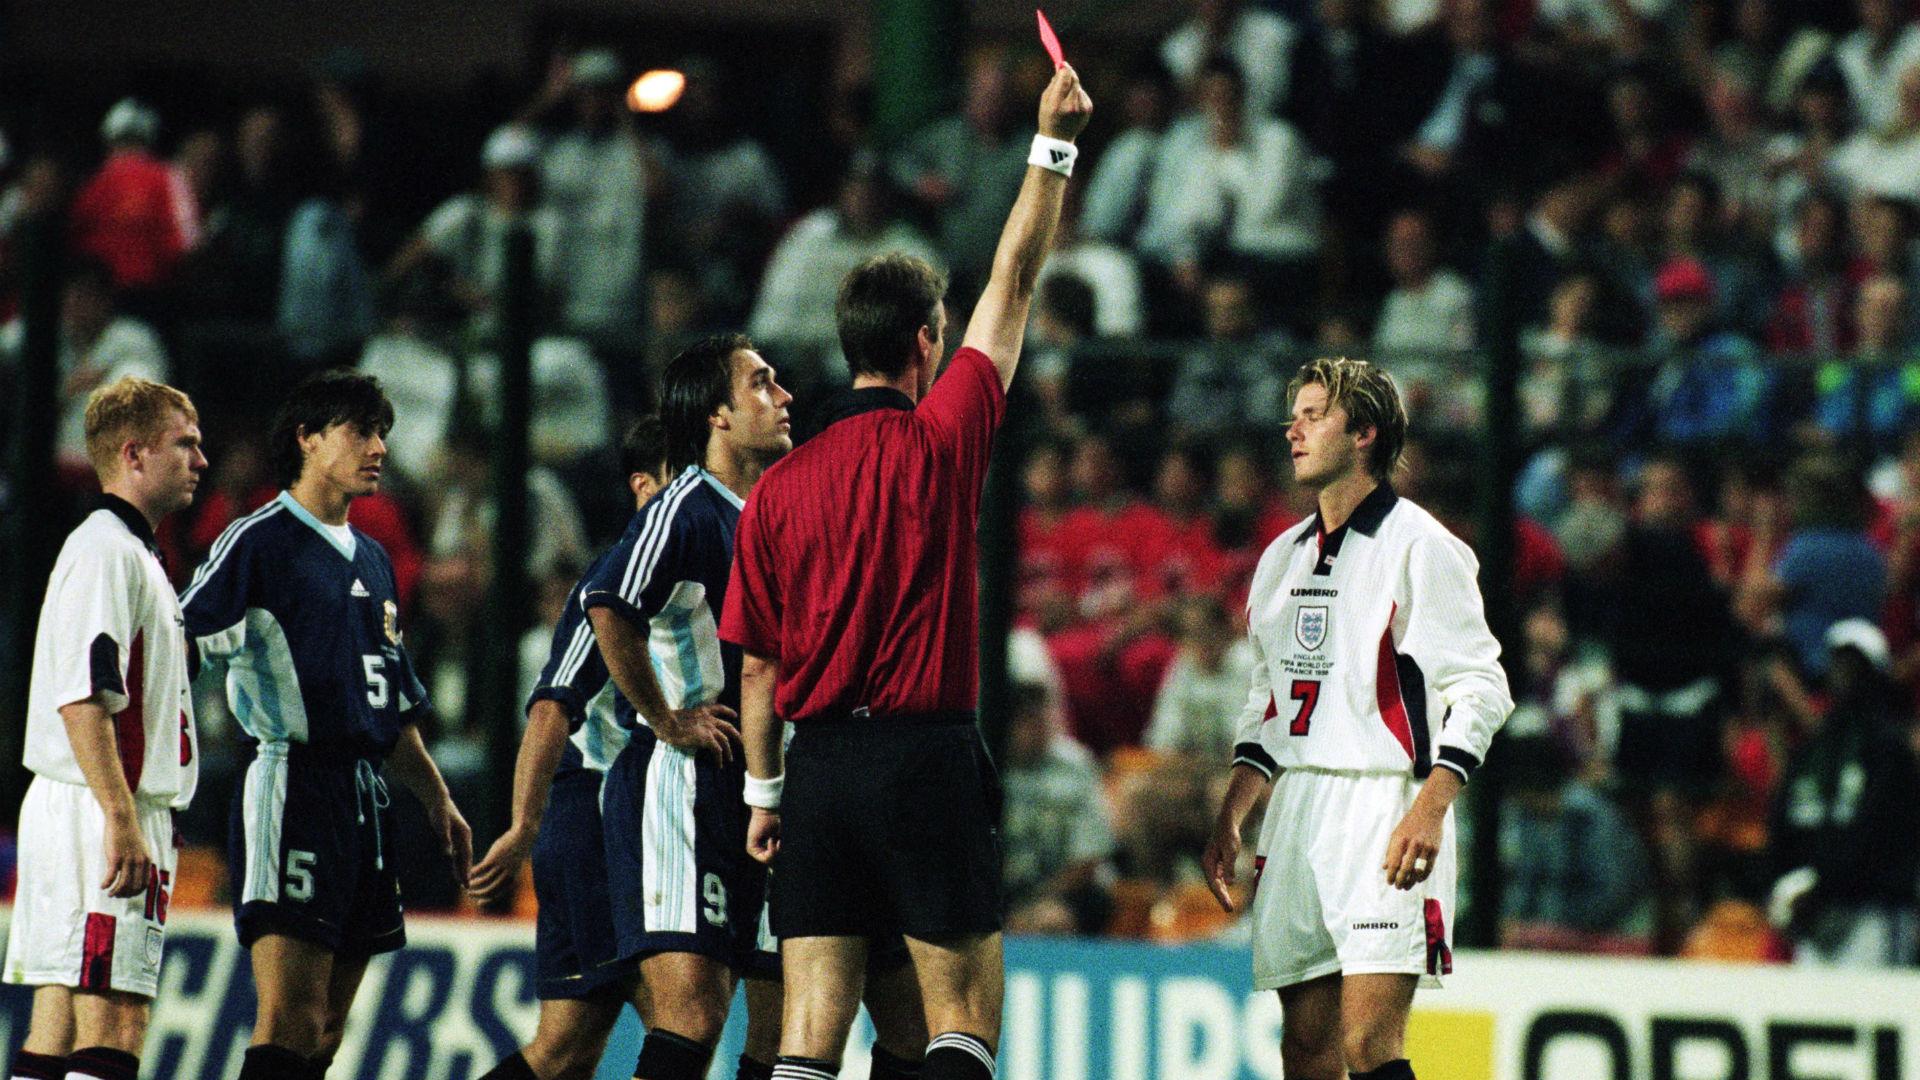 David Beckham red card World Cup 1998